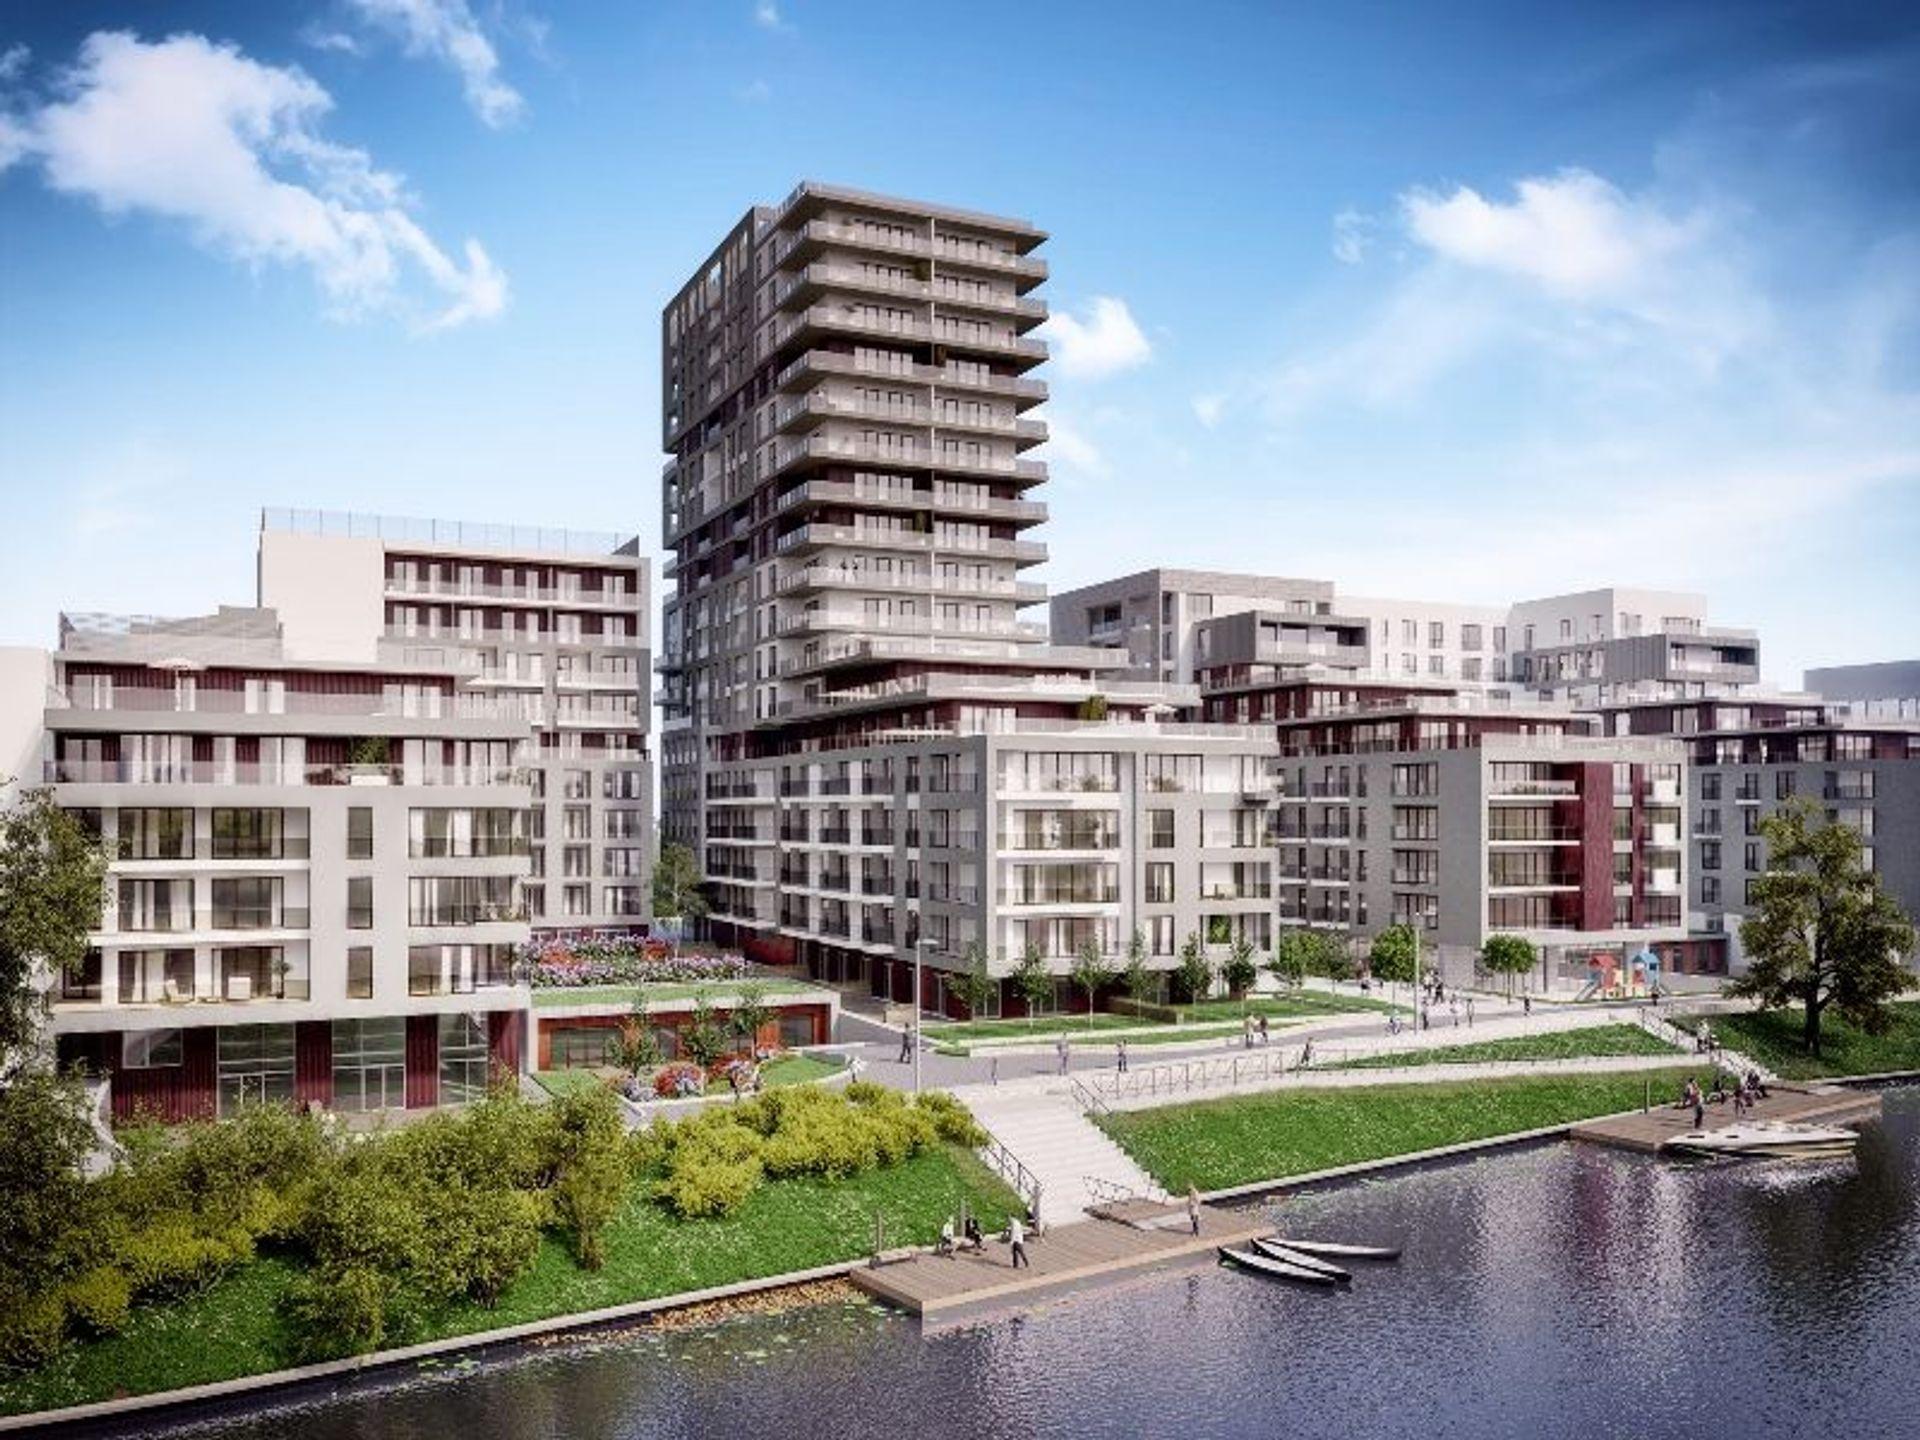 [Wrocław] Inwestycja otwarta na rzekę. Angel River wpisze się w rewitalizację Przedmieścia Oławskiego